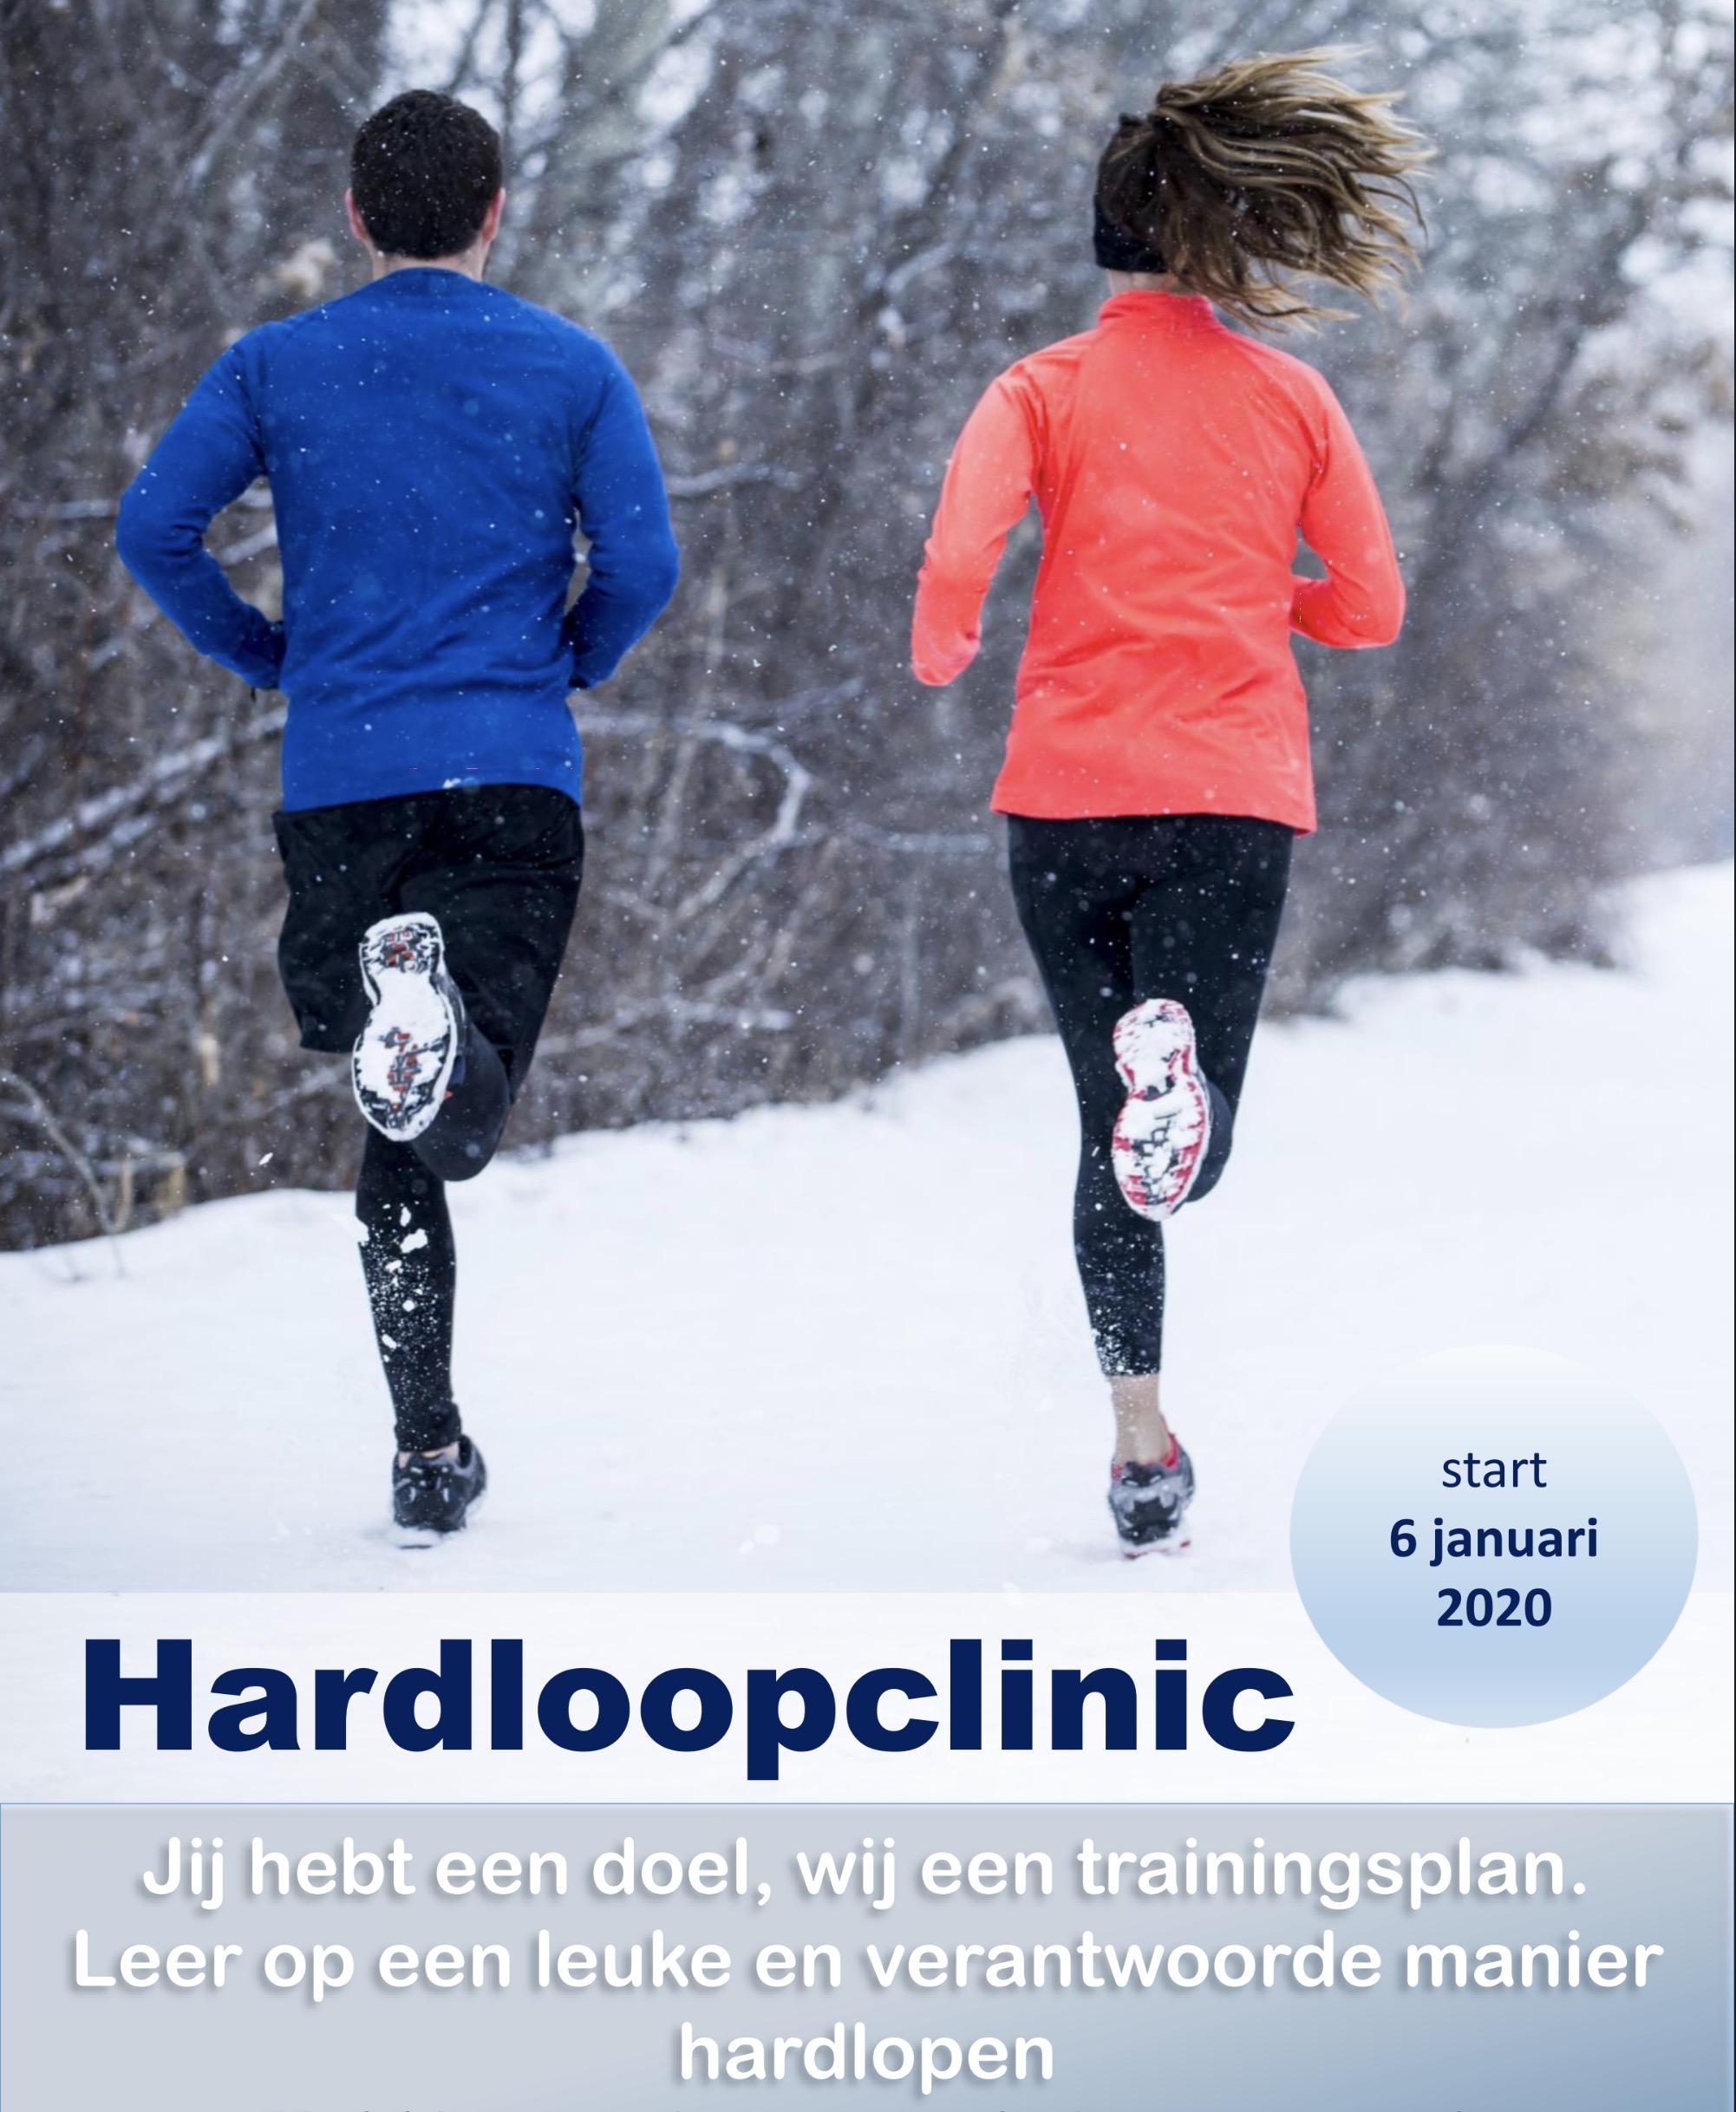 hardloopclinic-2020